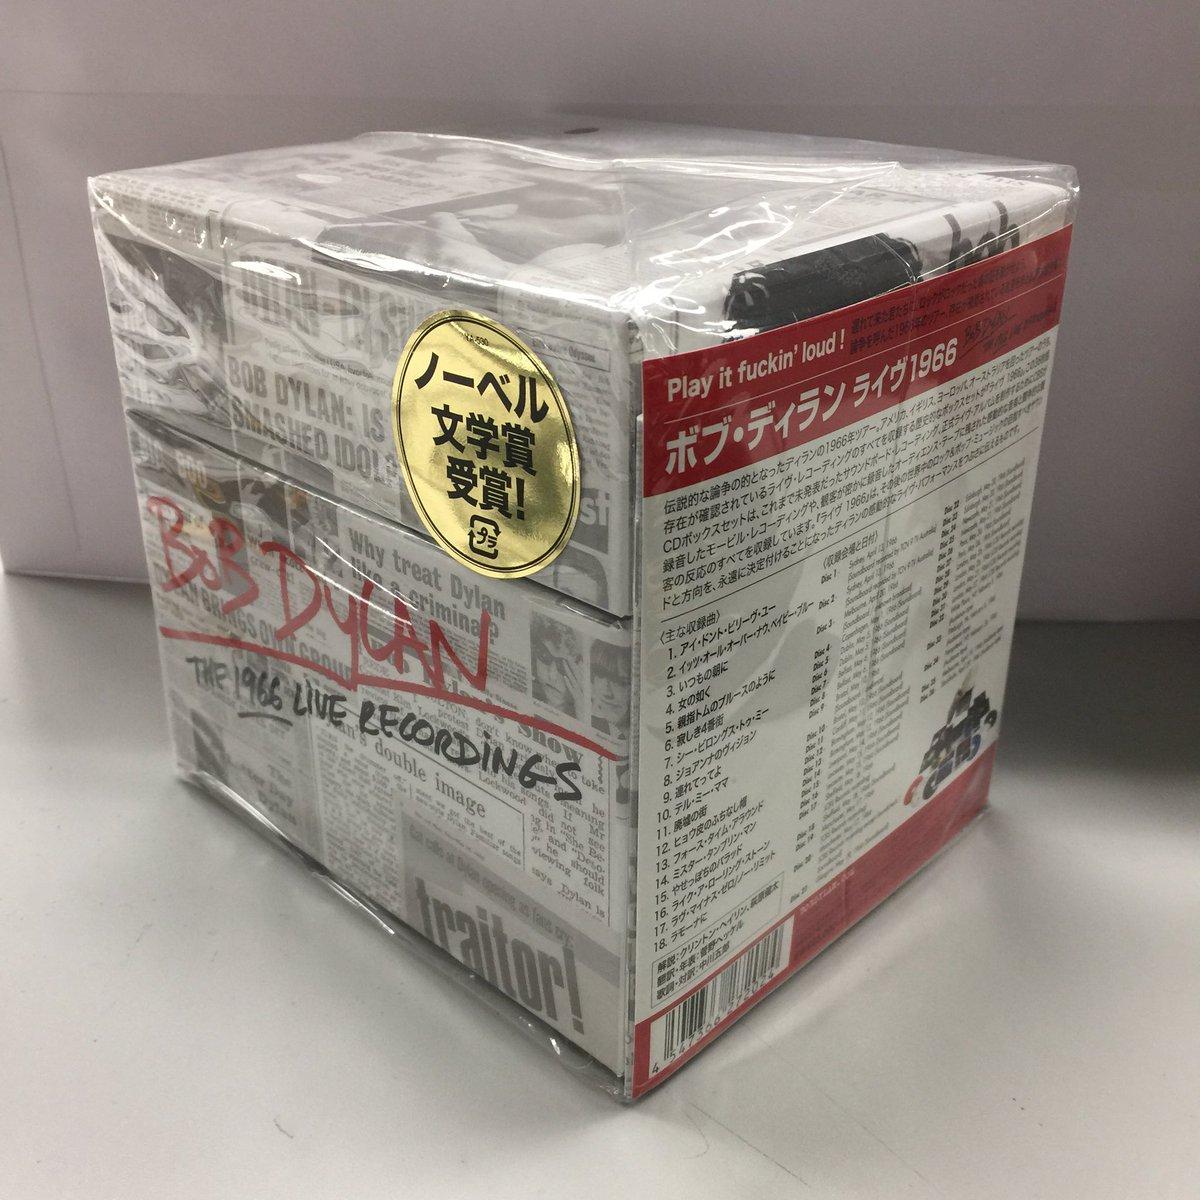 こんなCD36枚組を買うマニアに「ノーベル文学賞受賞!」のシールは要らないのでは、と僕は思う。 https://t.co/qxTFrdYq5n